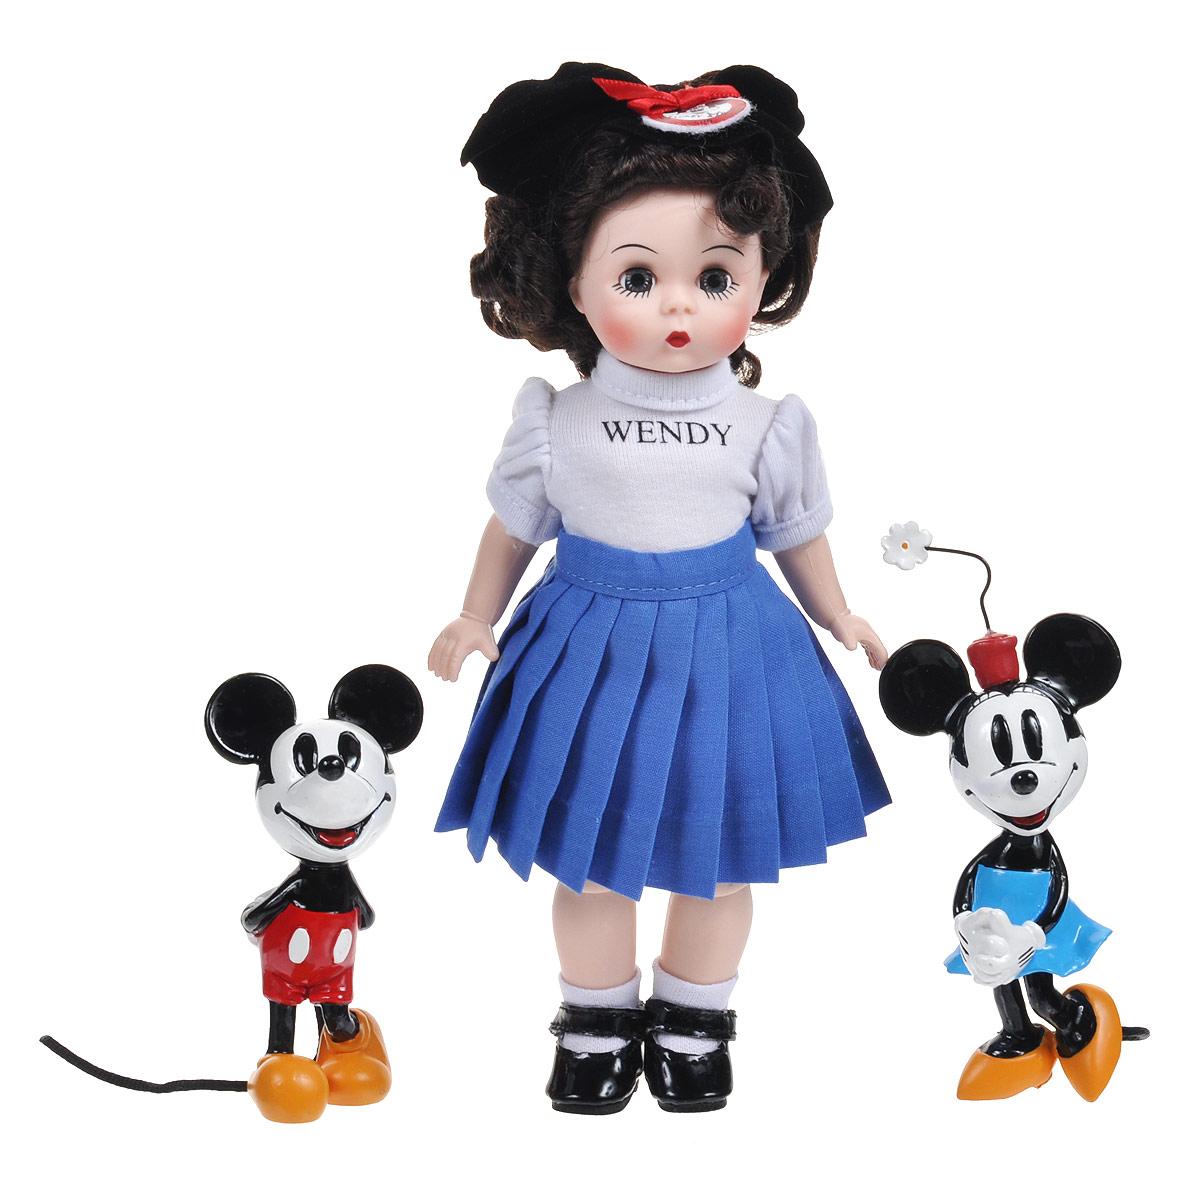 Madame Alexander Игровой набор с куклой Мини-маус Микки-маус и Венди60725MНабор кукол Madame Alexander Мини-маус, Микки-маус и Венди станет прекрасным украшением любой коллекции. В набор входят три куколки - мышки Микки Маус, Минни, выполненные как в старом диснеевском мультфильме, и Венди. Чудесная куколка с темными волосами одета в белую блузку с рукавами-фонариками и синюю юбку в складку. На ее ногах - белые носочки и черные лакированные туфельки. Голову Венди украшает милый ободок с ушками. Реалистичные глазки куклы закрываются, если положить ее на спину.